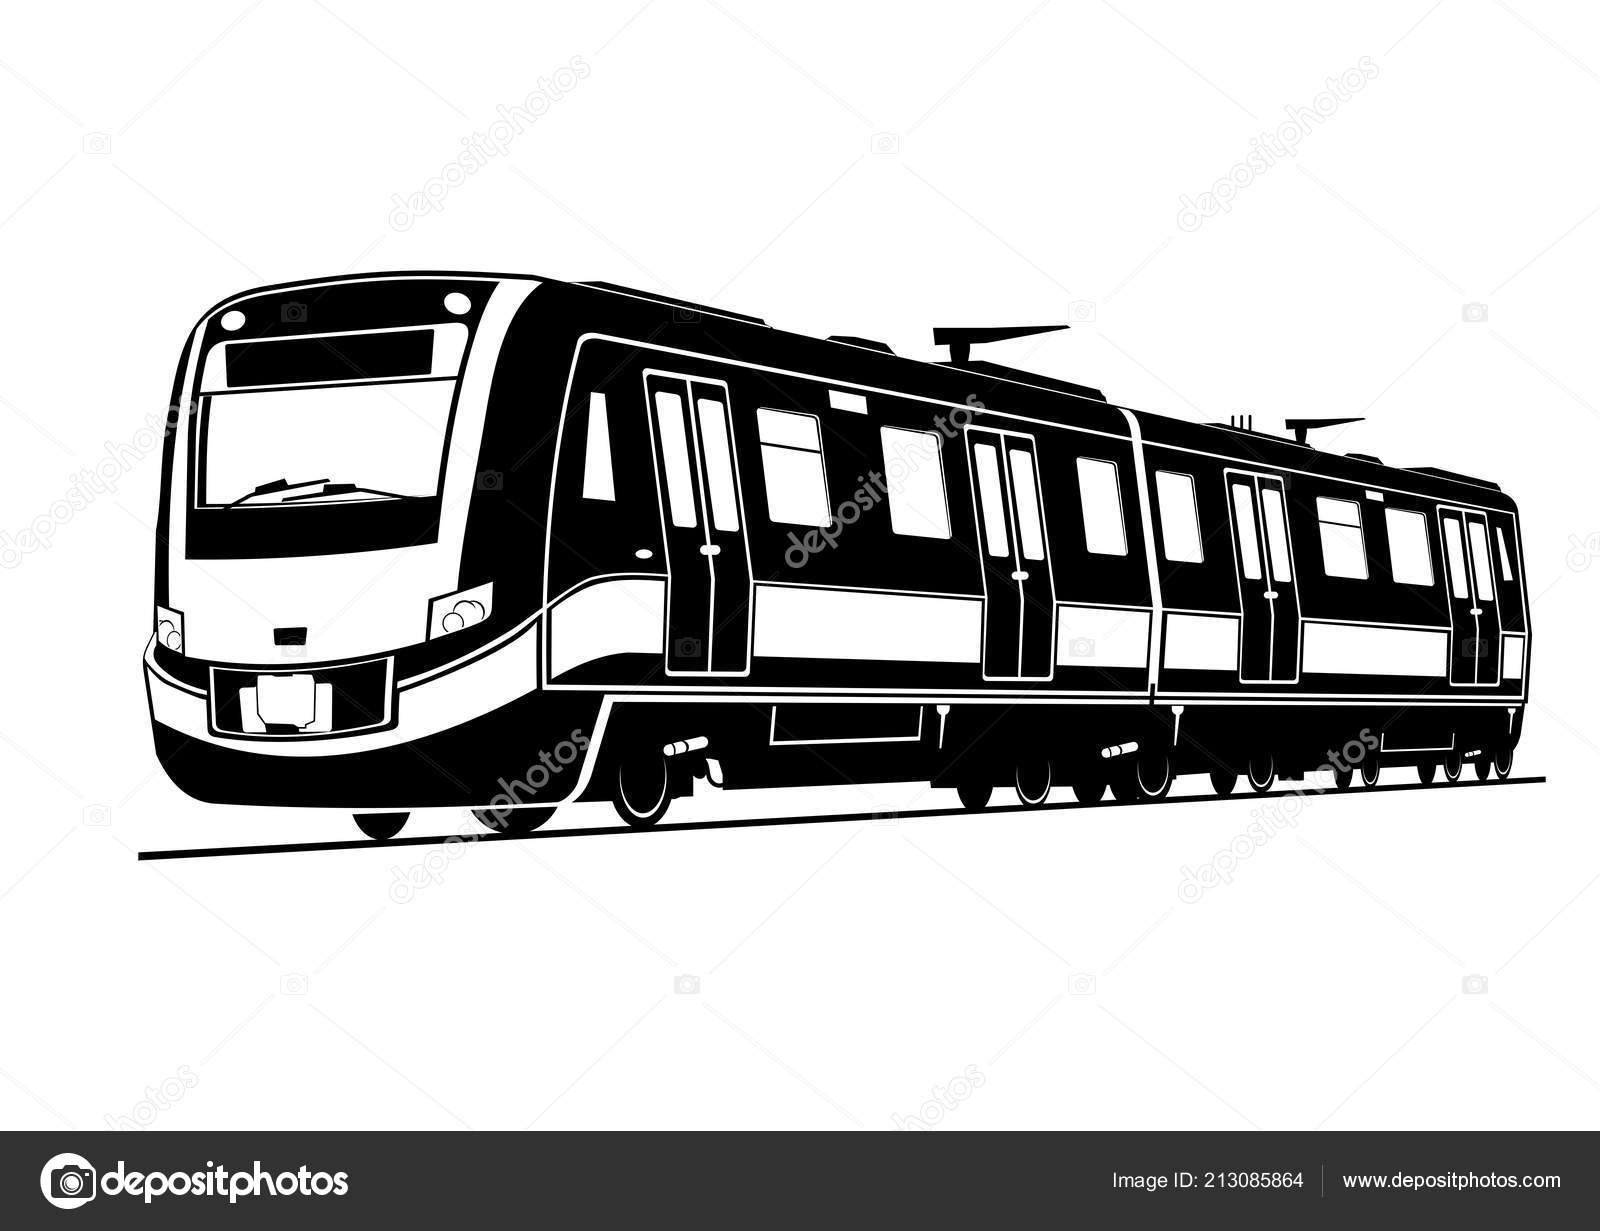 aba66775b5b1 Train Silhouette Modern Passenger Train Black White Flat Vector — Stock  Vector